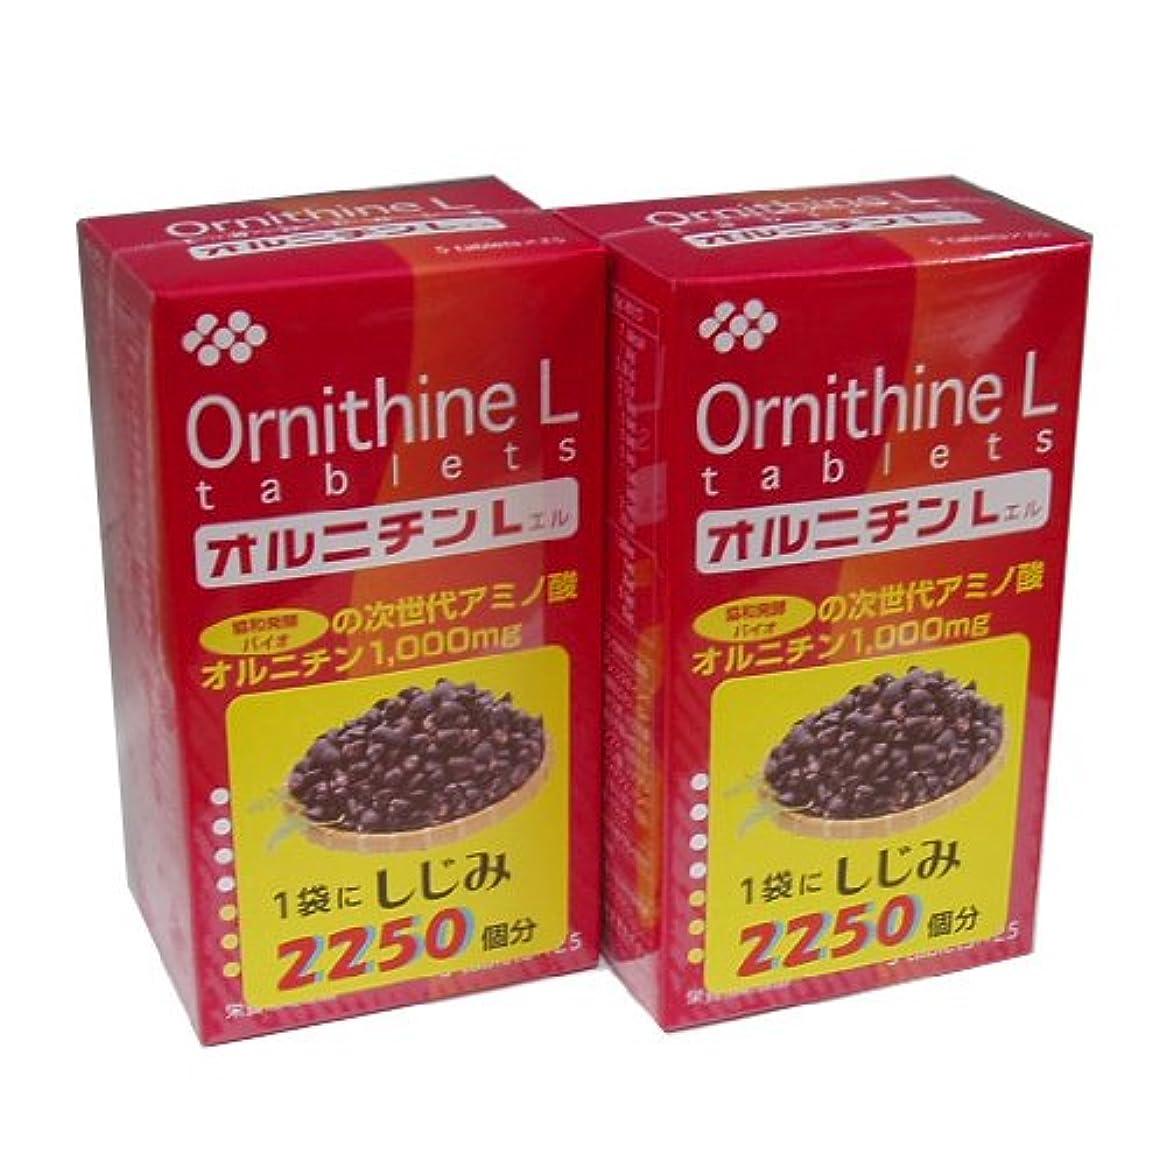 孤独なペイント富伸和製薬オルニチンL (5粒×25袋)×2個セット